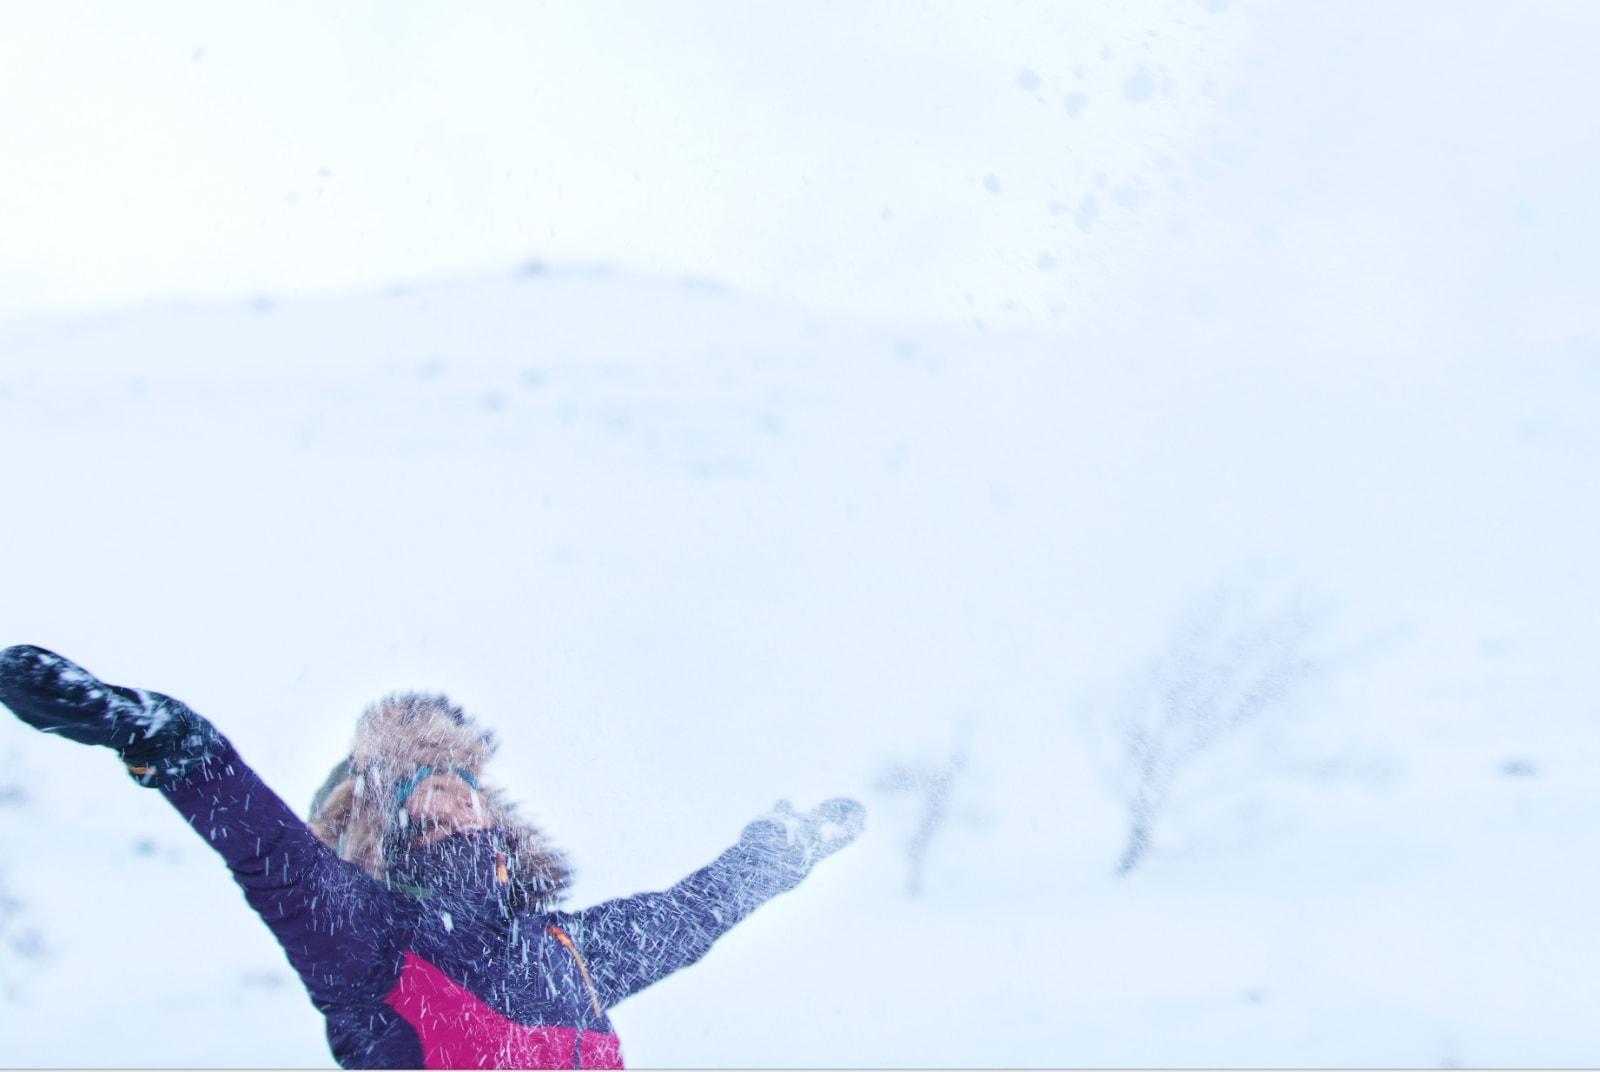 DIGGER UTELIVET: Det startet med flere sesonger i Alpene, etter det kom hun stadig tilbake til snøkledde fjell. Nå er det Tromsø som gjelder. Foto: Anna Lovehed